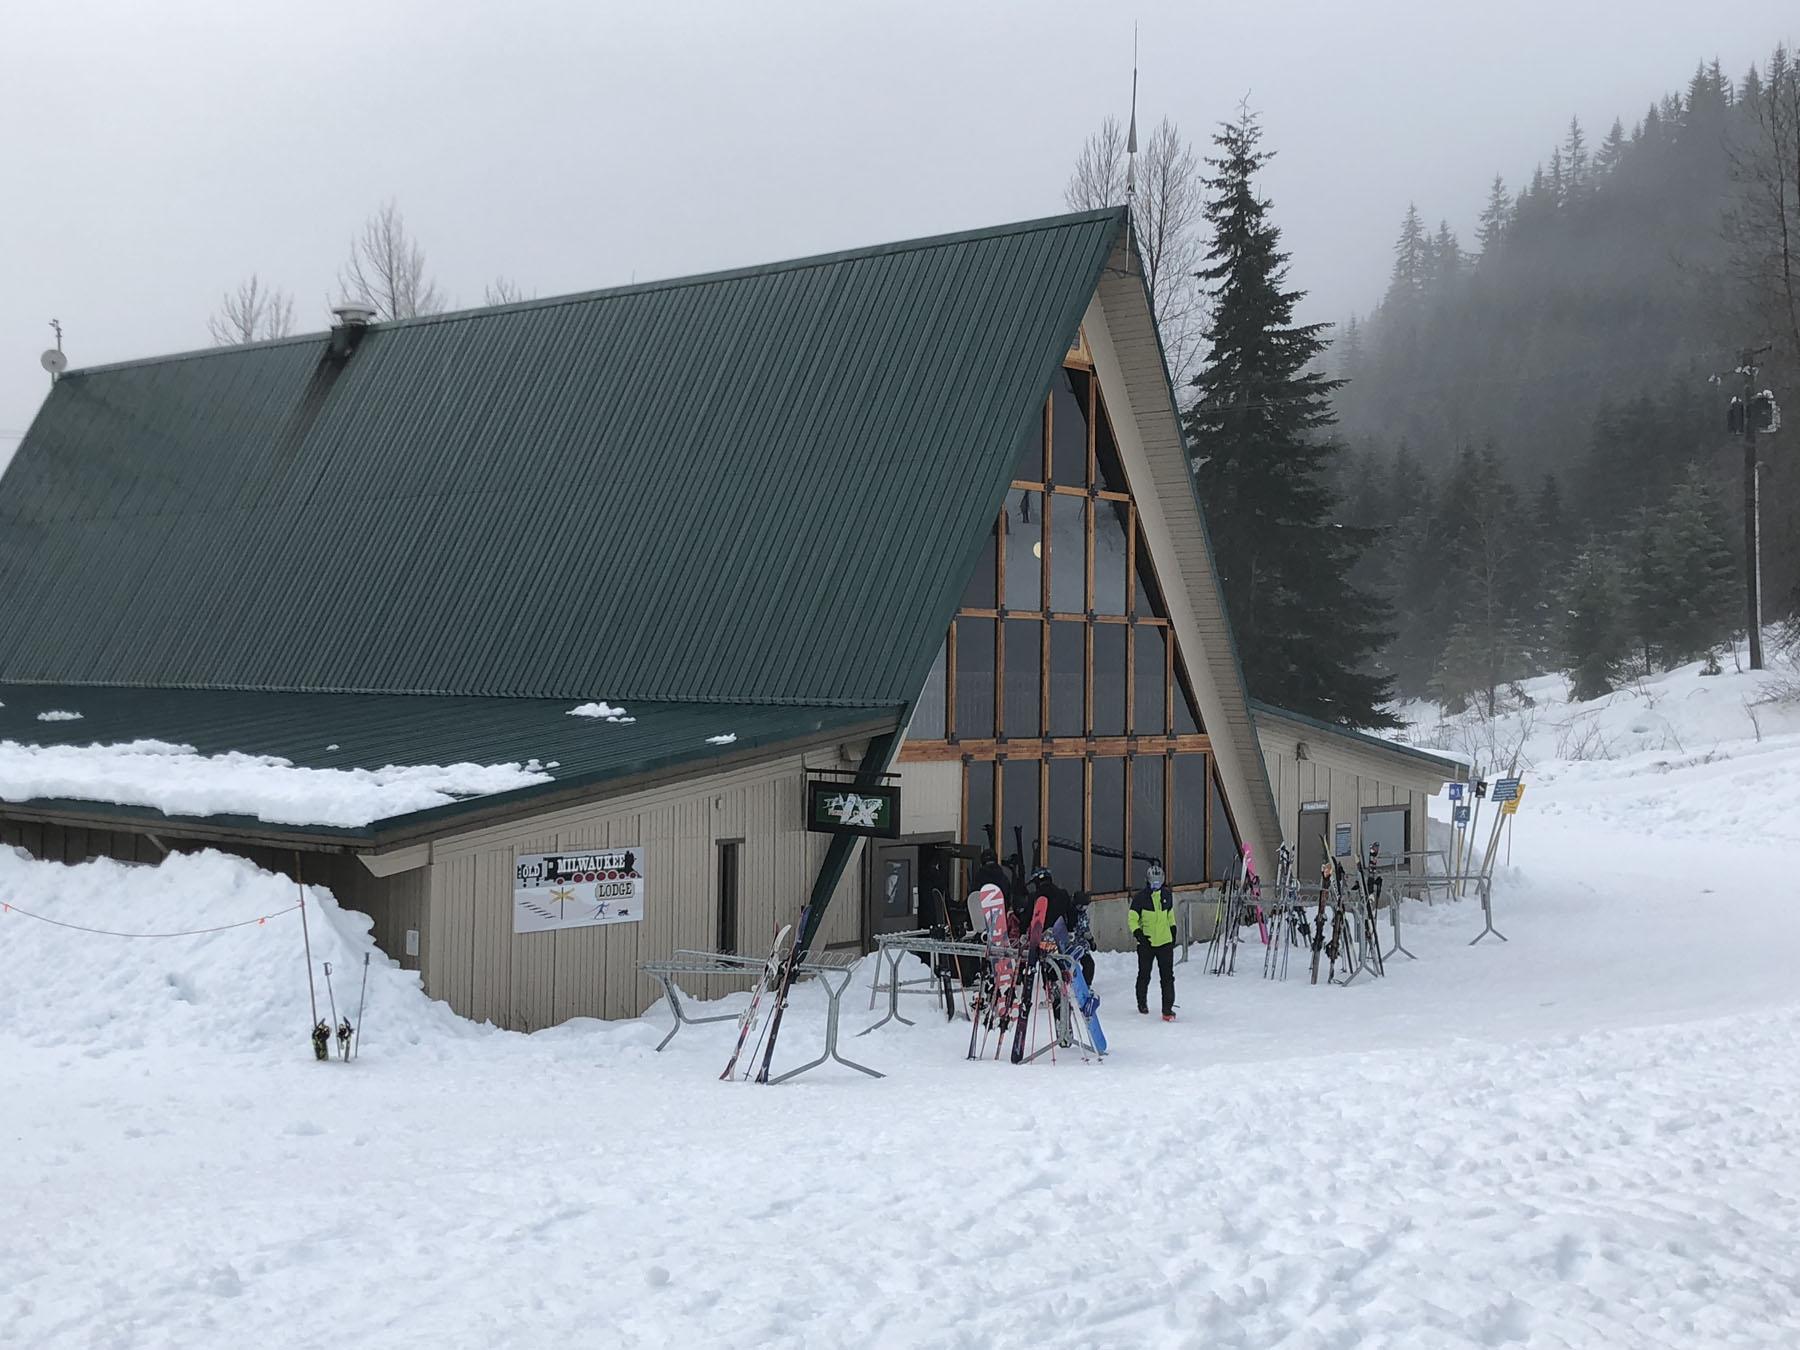 Summit at Snoqualmie Skiing | FamilySkiTrips